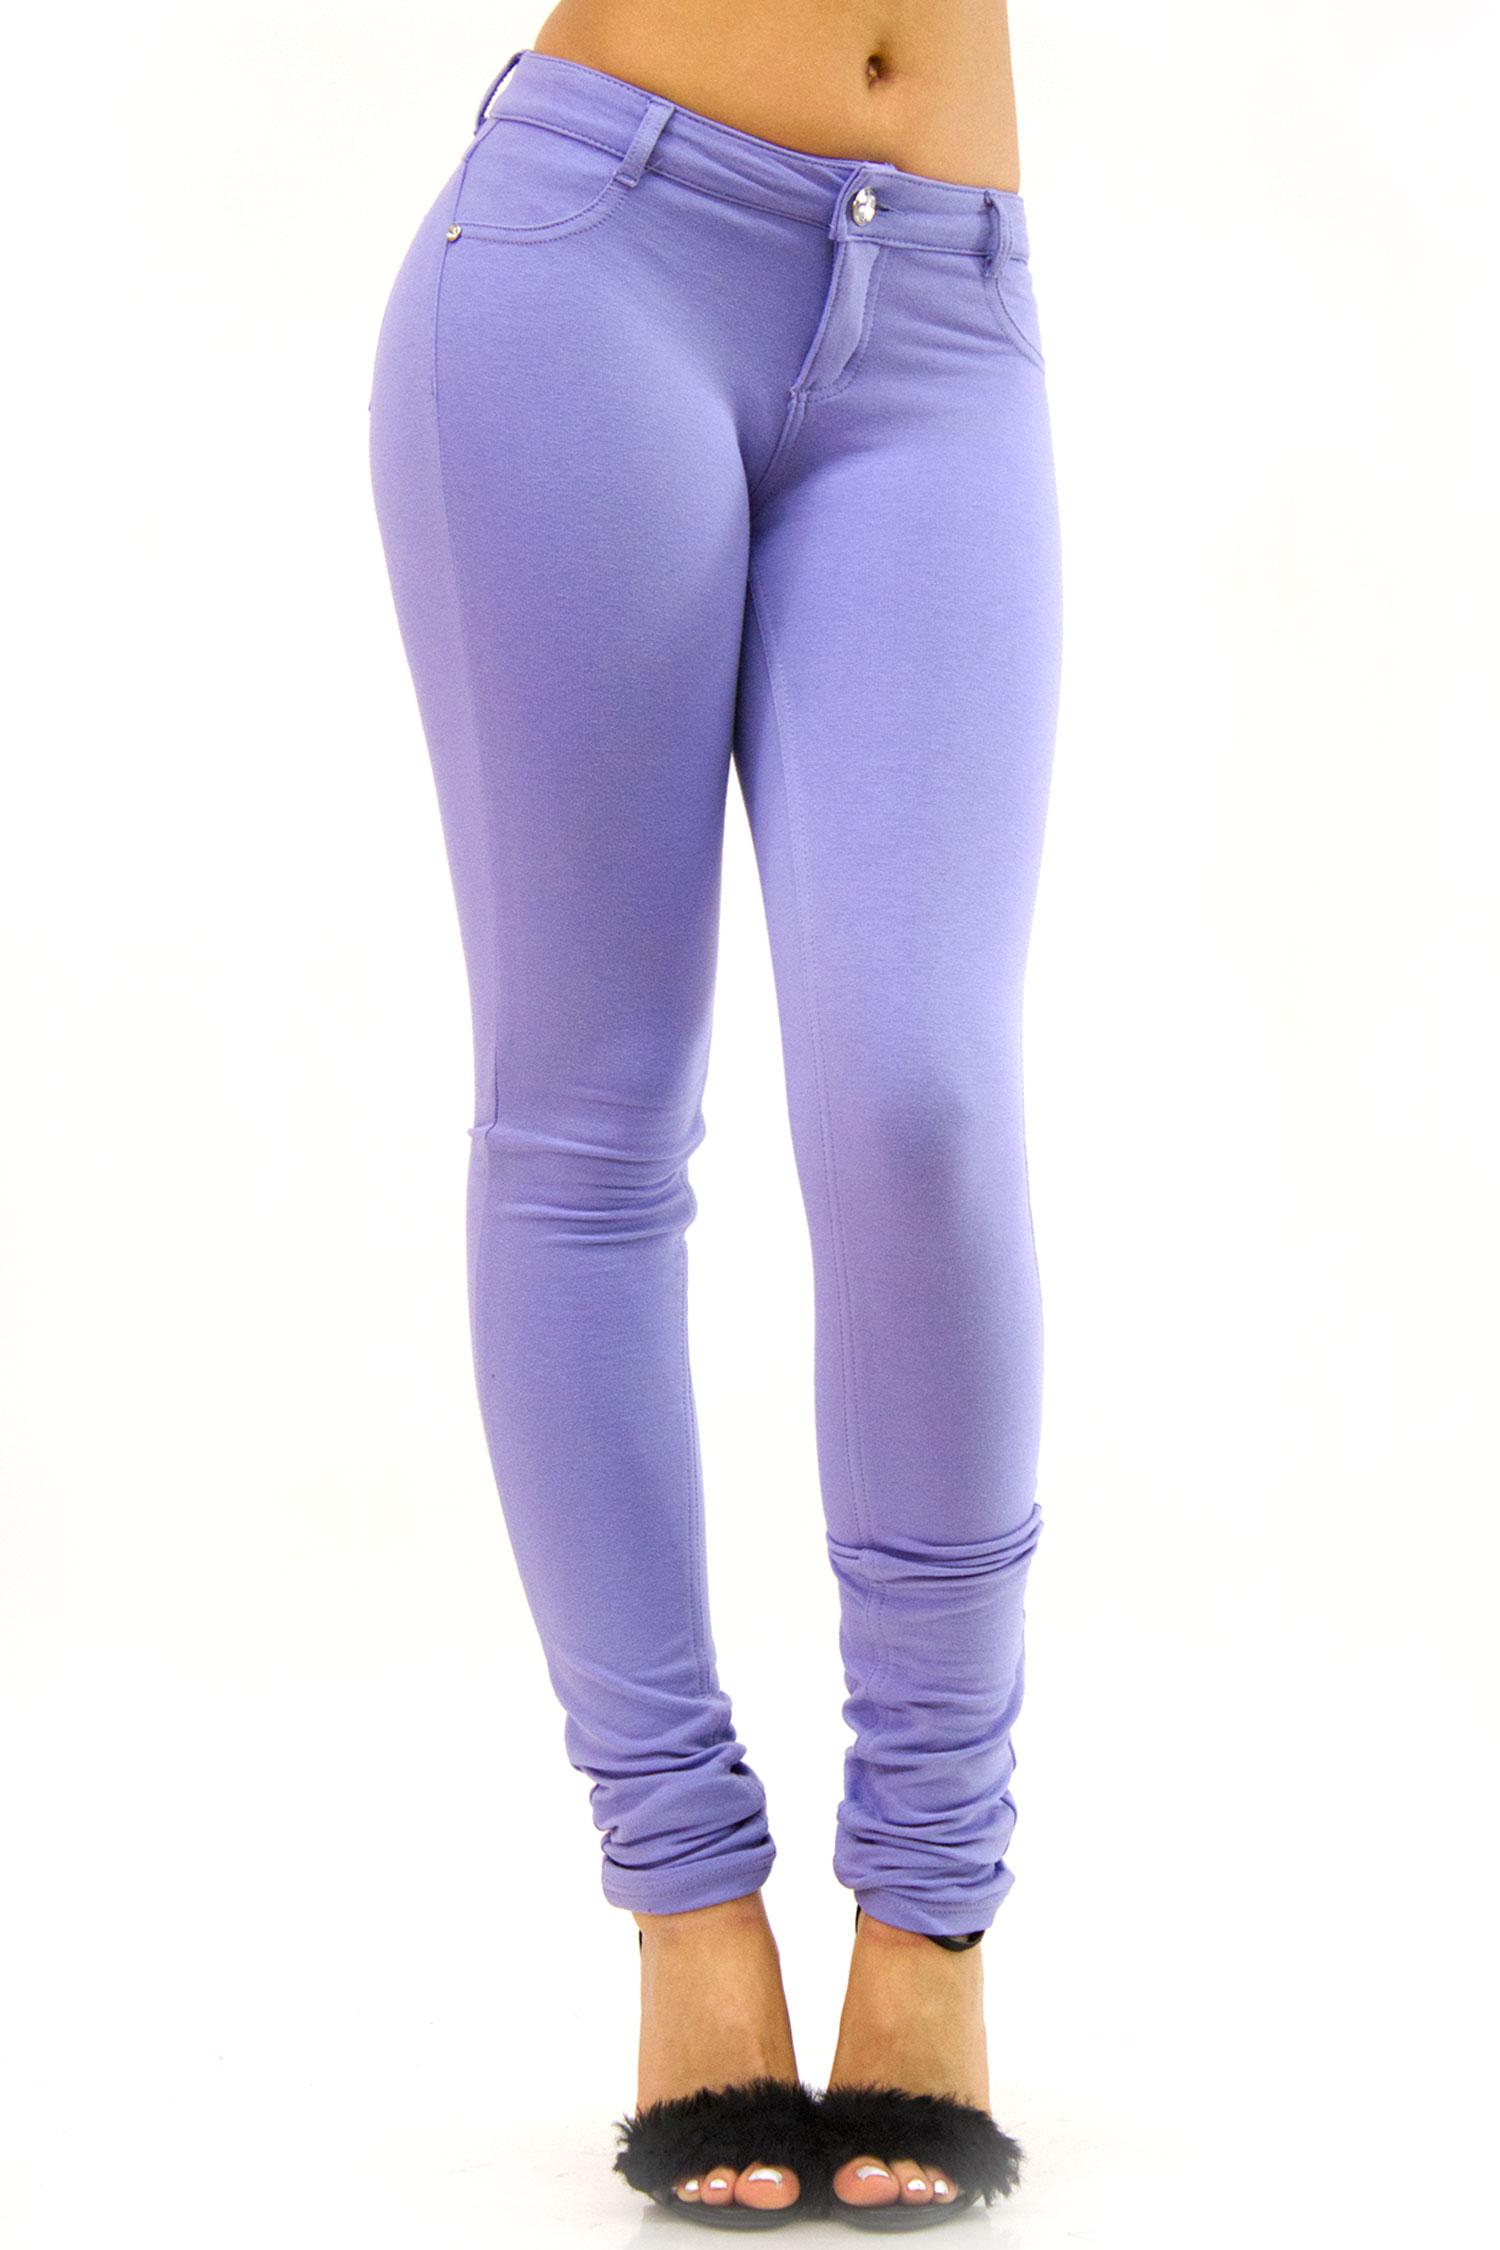 Lavender low rise skinny pants